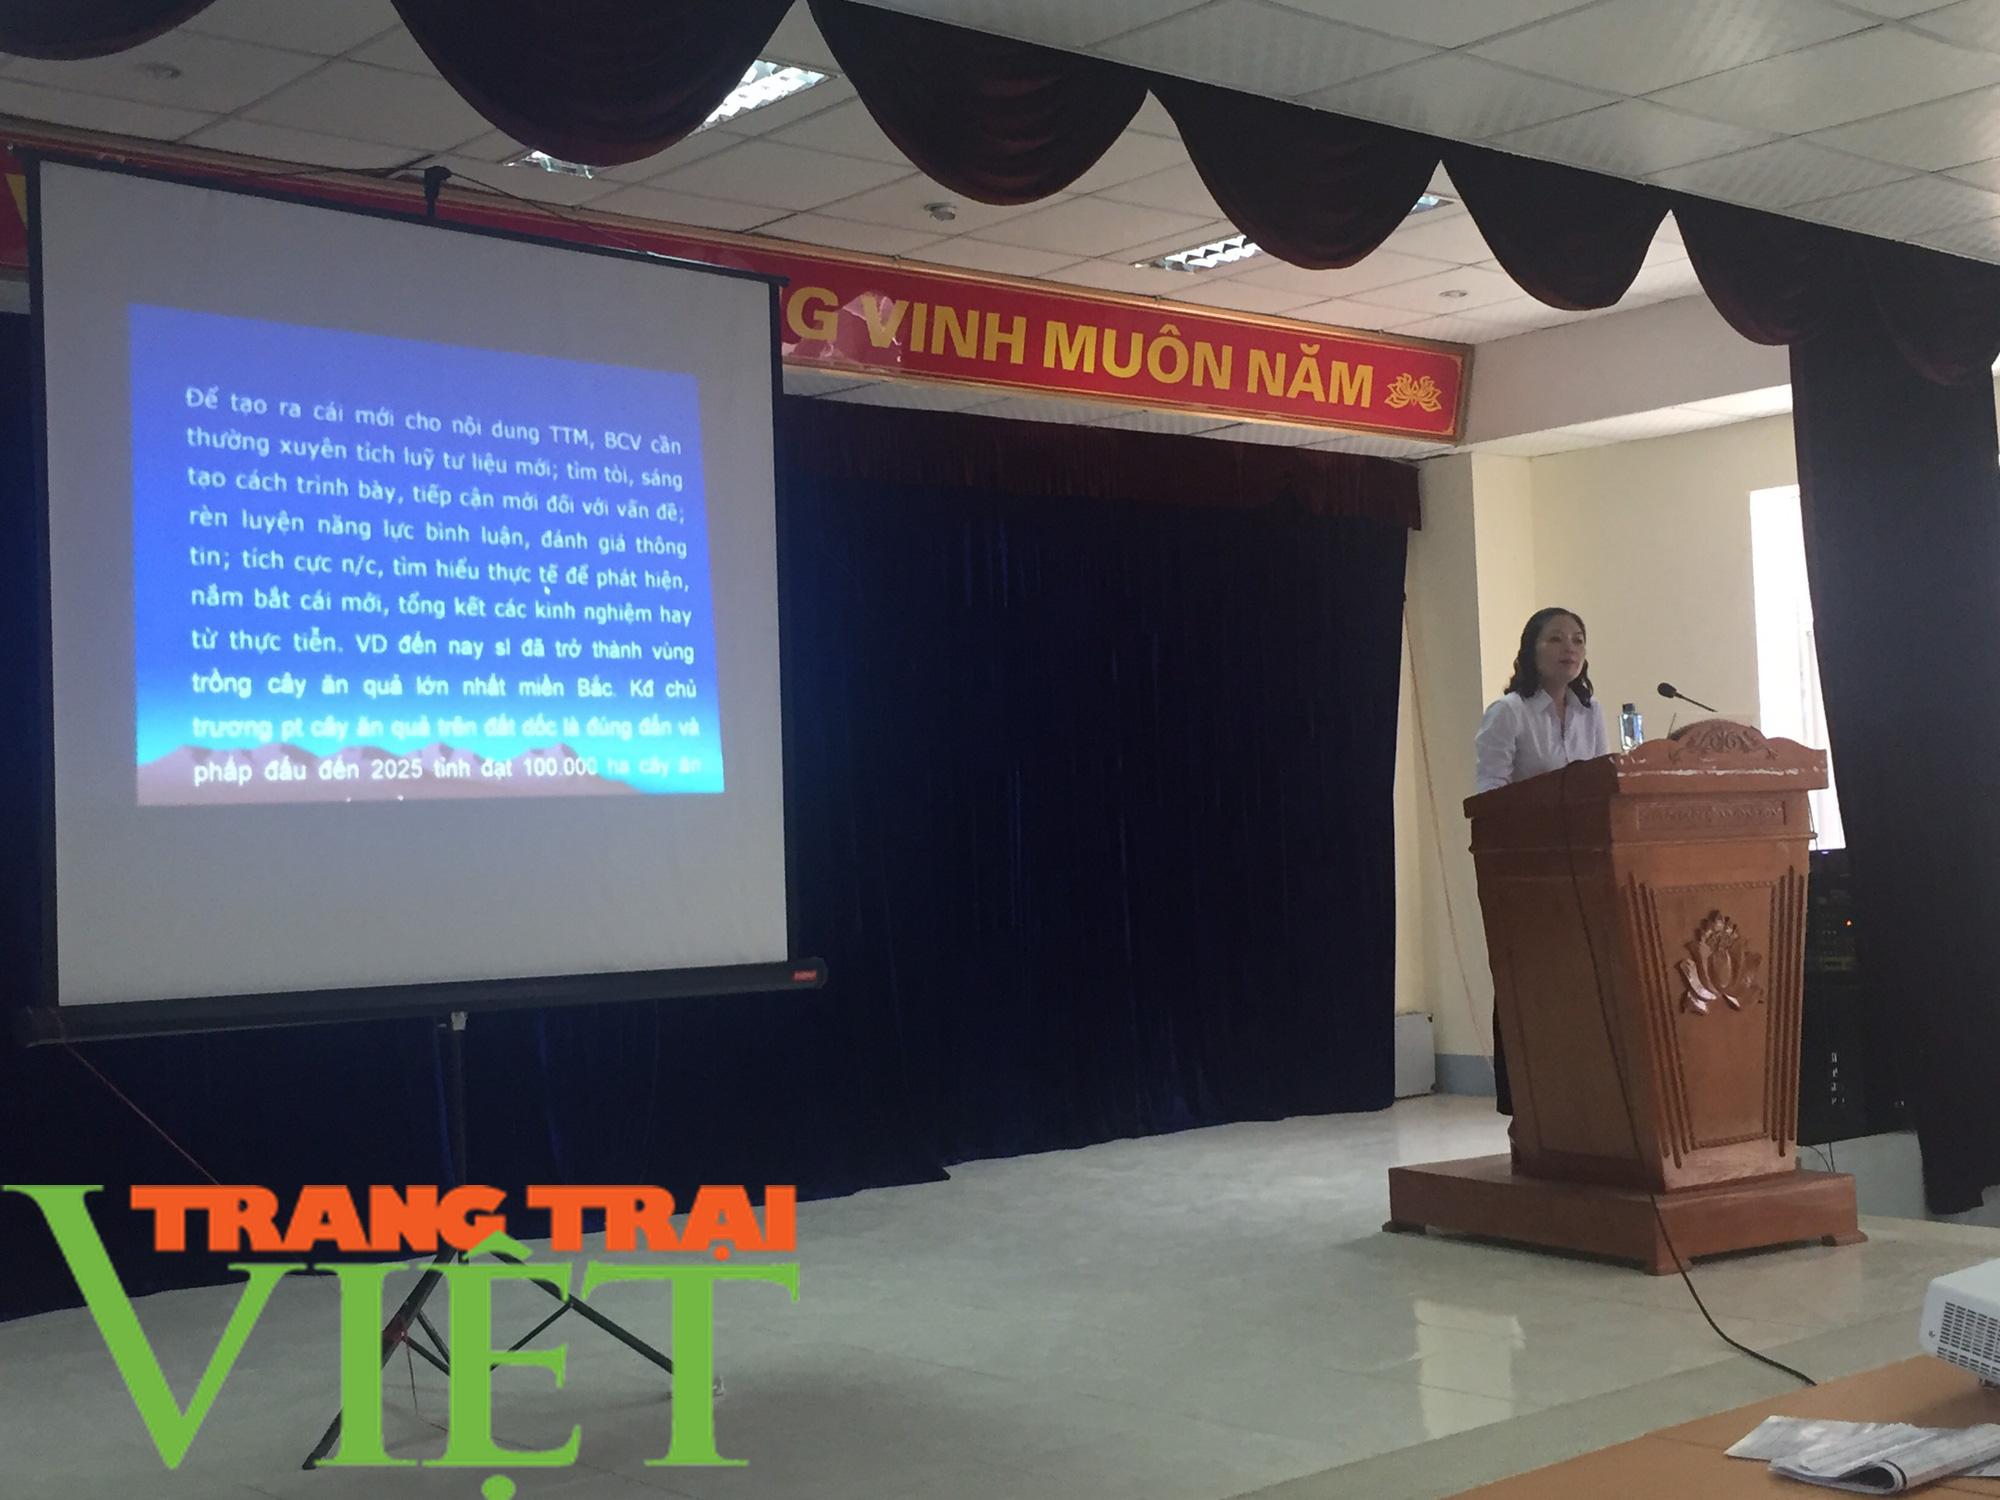 Hội Nông dân Sơn La: Tập huấn kỹ năng tuyên truyền miệng cho hội viên - Ảnh 3.